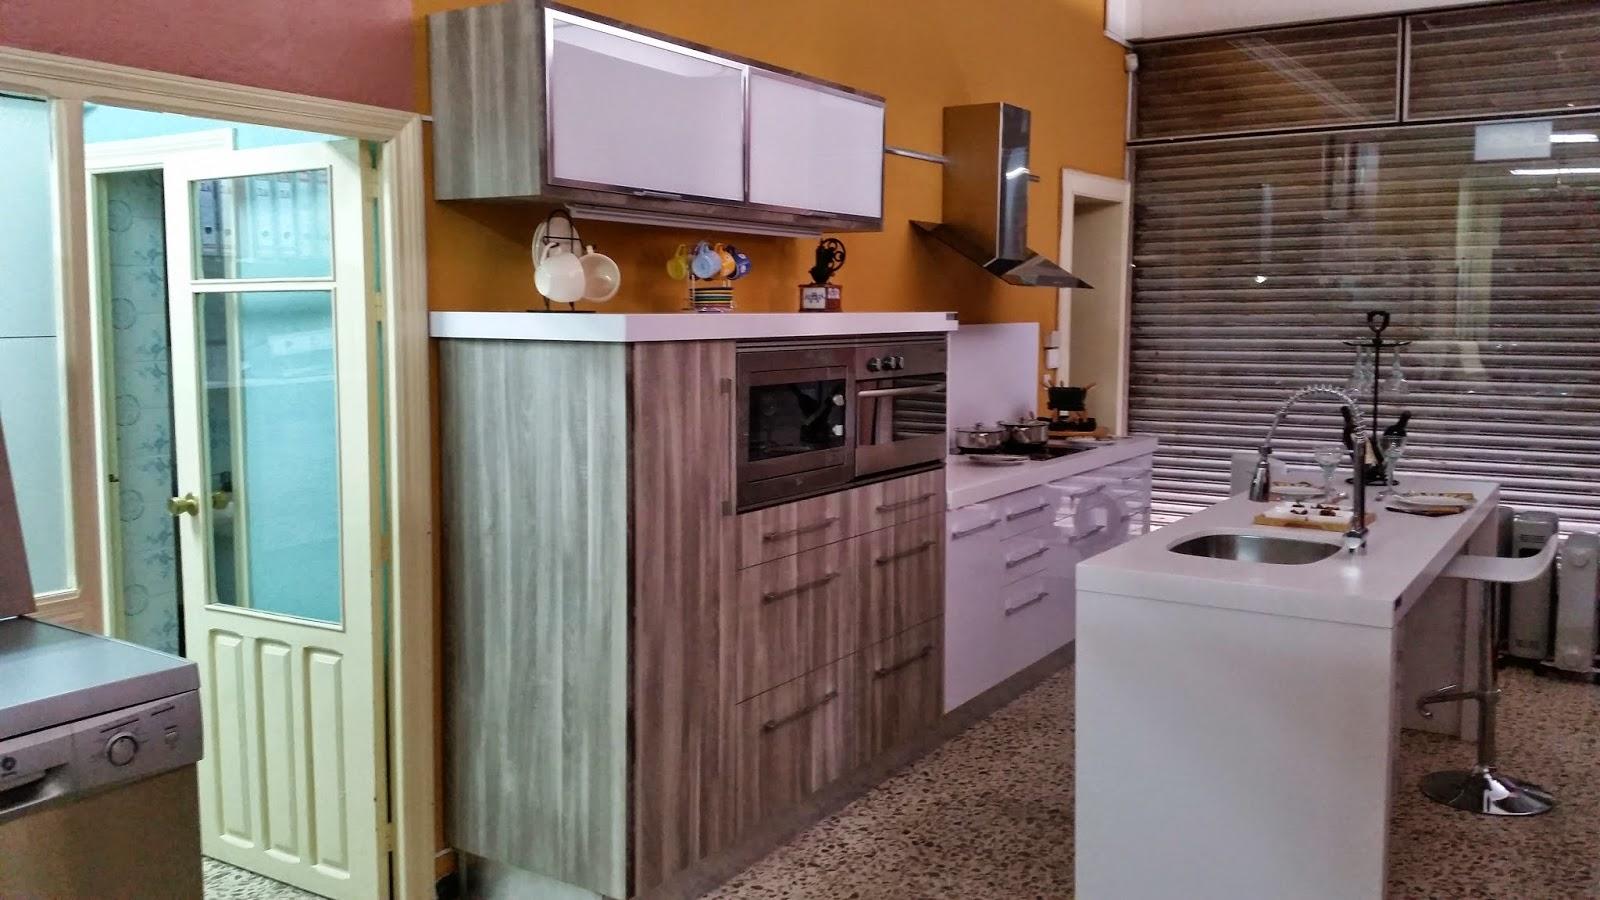 Lujo Nuevo Diseño De Cocina Colección - Ideas de Decoración de ...